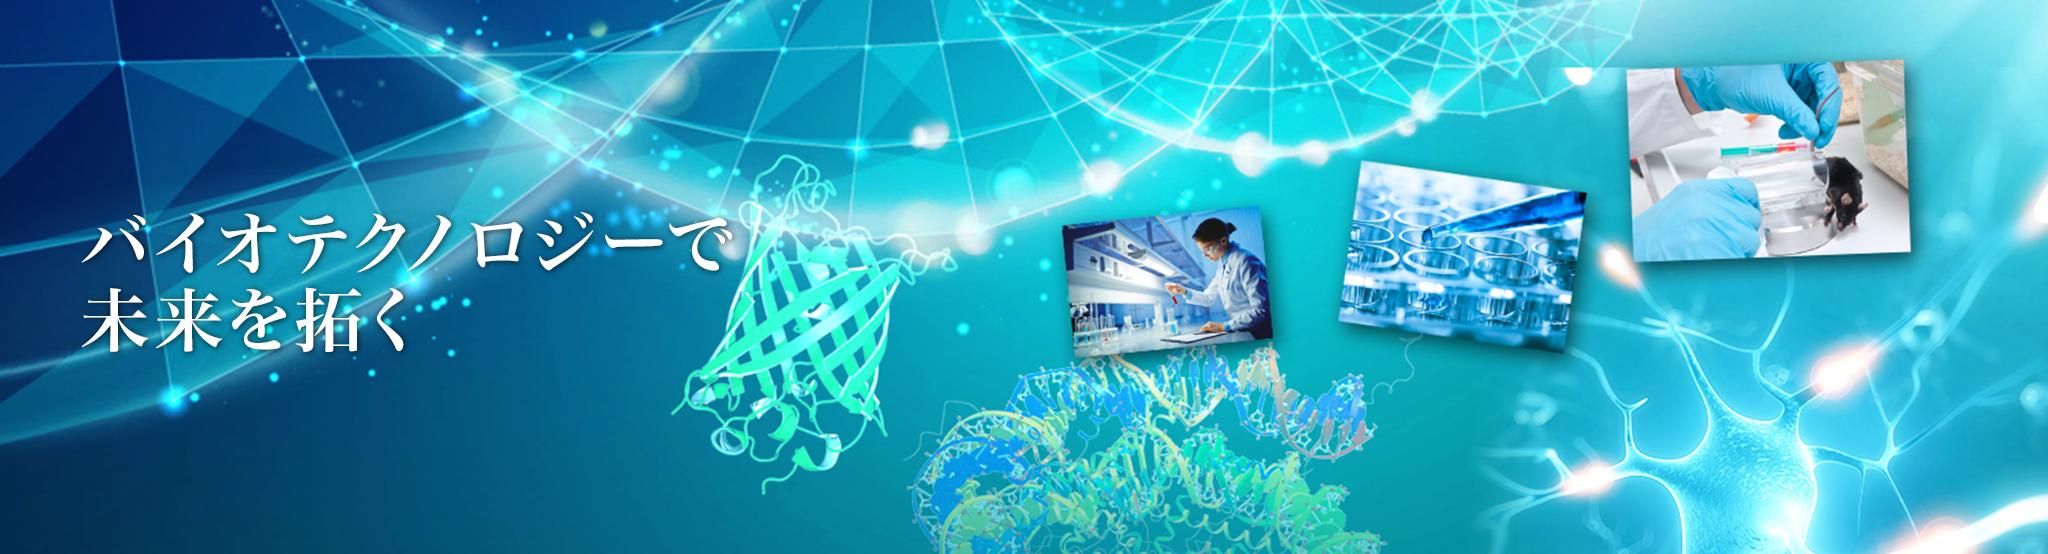 バイオテクノロジーで未来を拓く